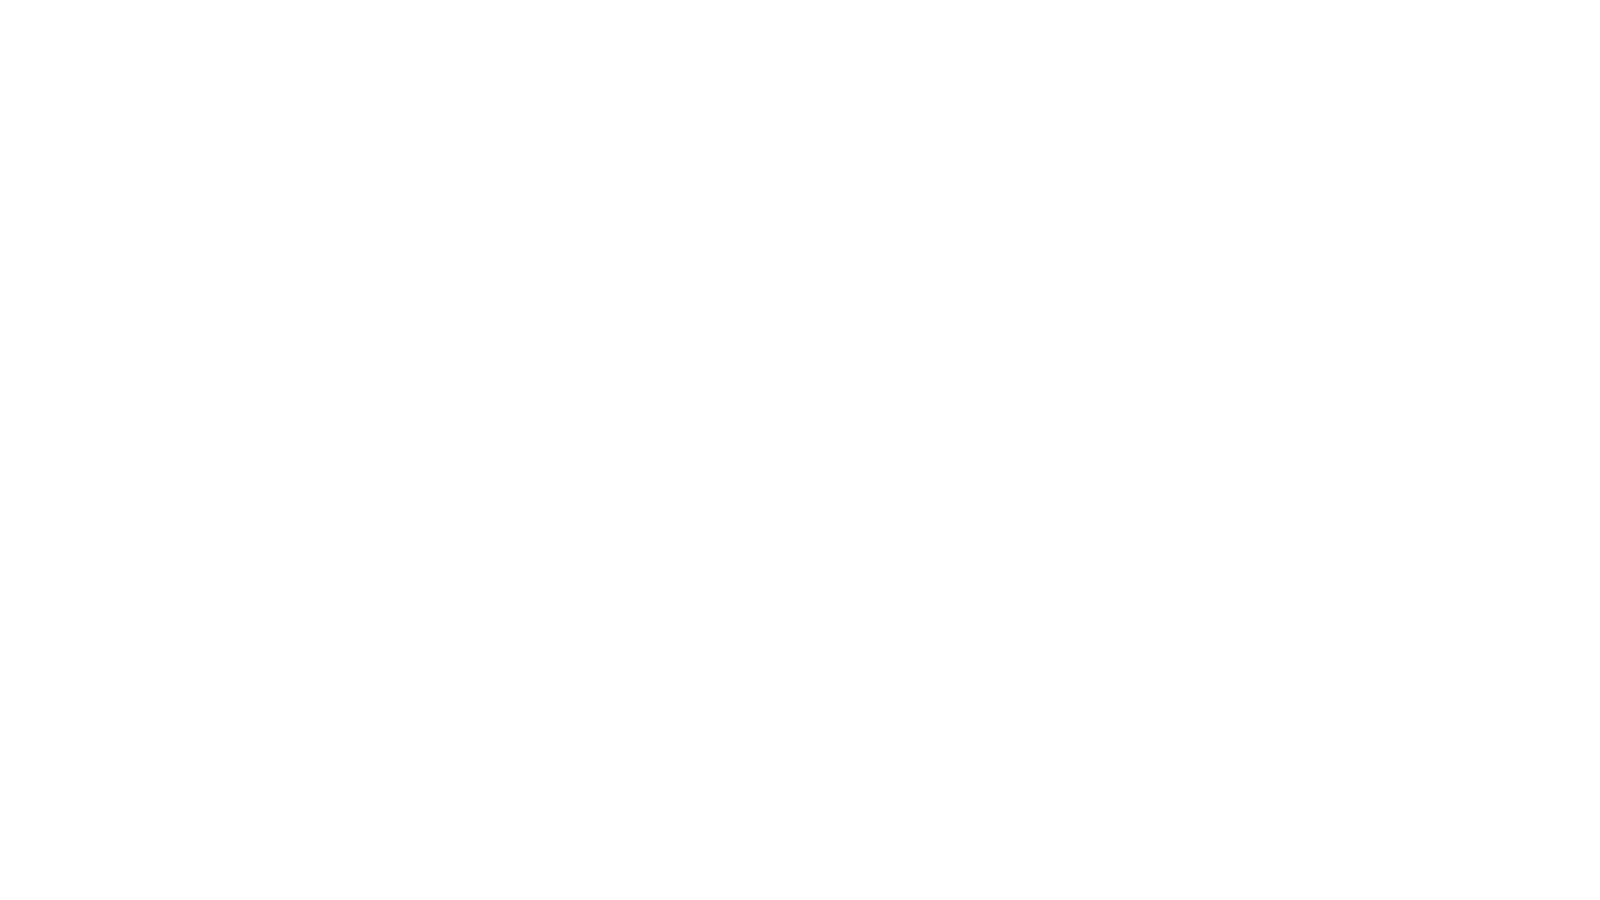 CoviDDD-19: Experimentos desde el confinamiento.  27/05/2020  http://dddivulgar.com/